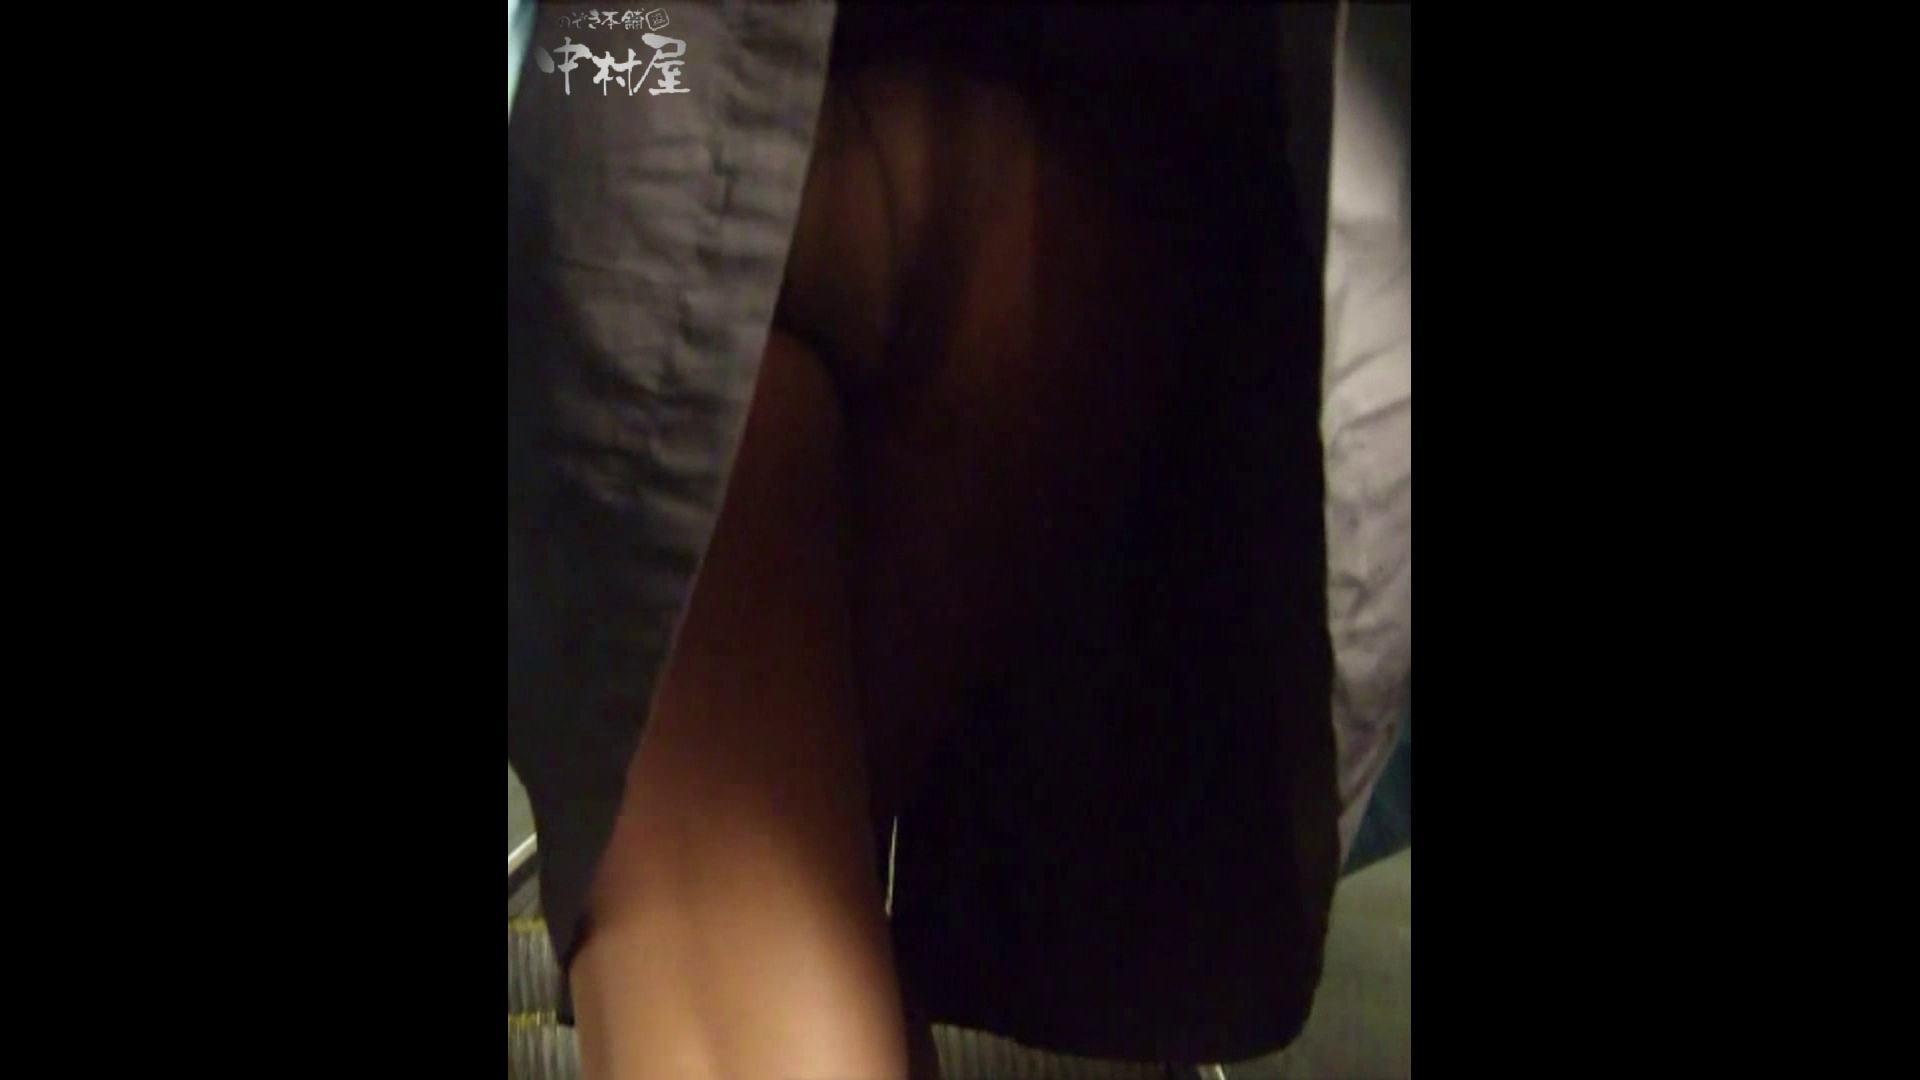 綺麗なモデルさんのスカート捲っちゃおう‼ vol15 お姉さんのエロ生活 | OLのエロ生活  79連発 49